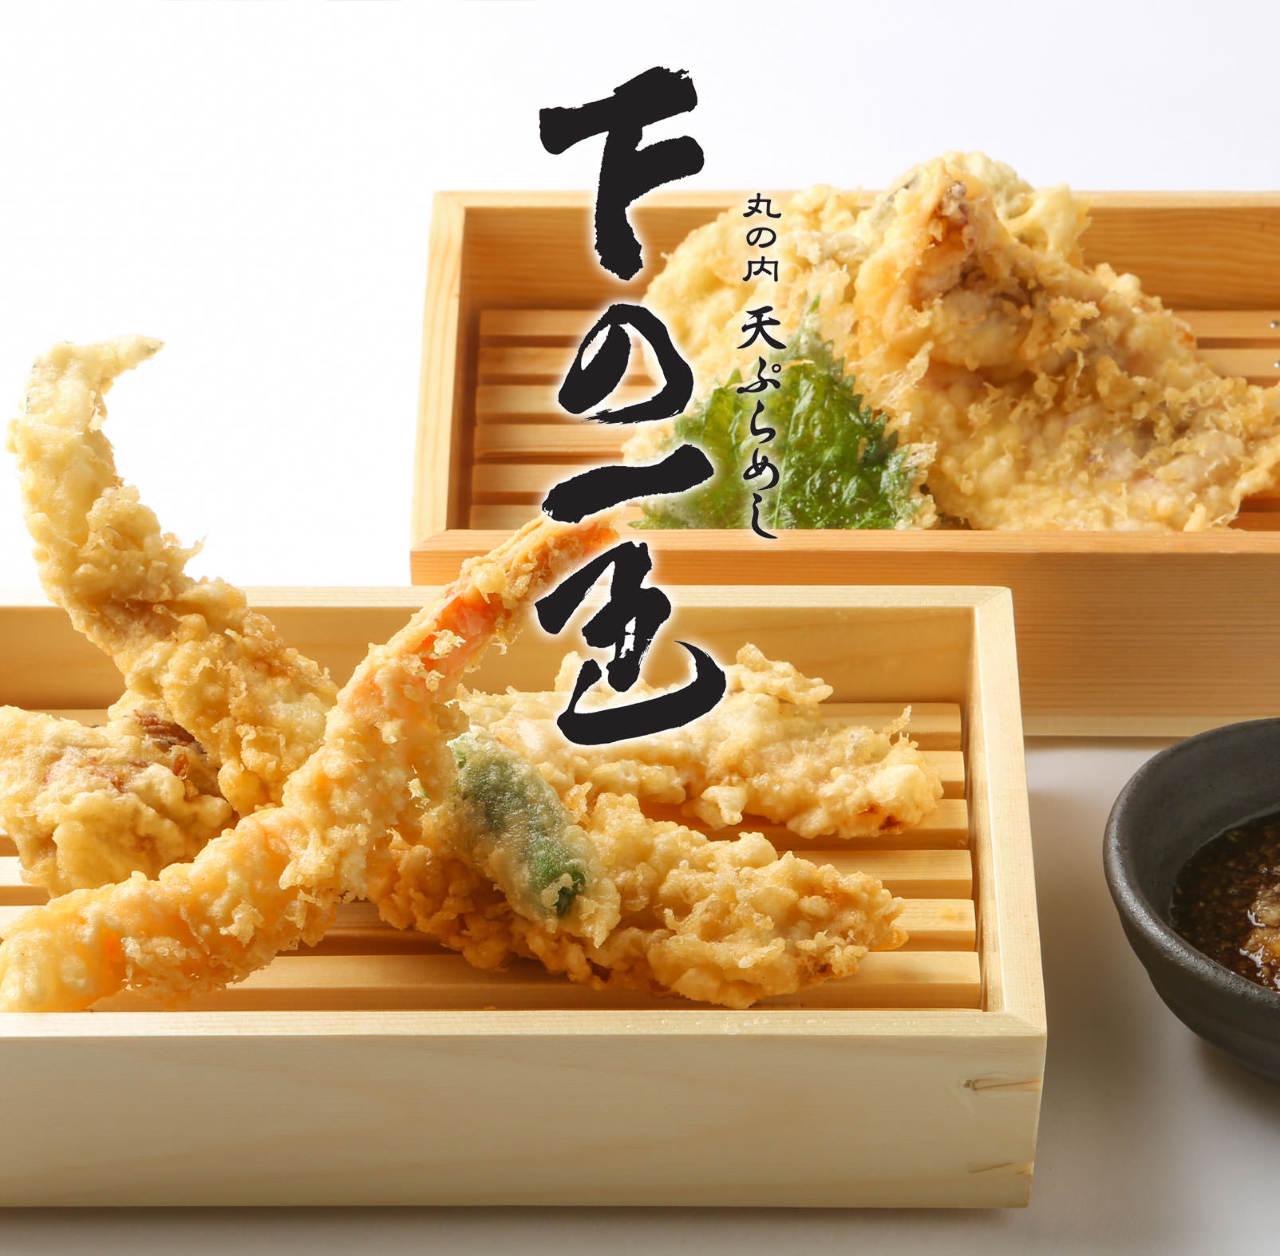 錦_丸の内天ぷらめし 下の一色_写真